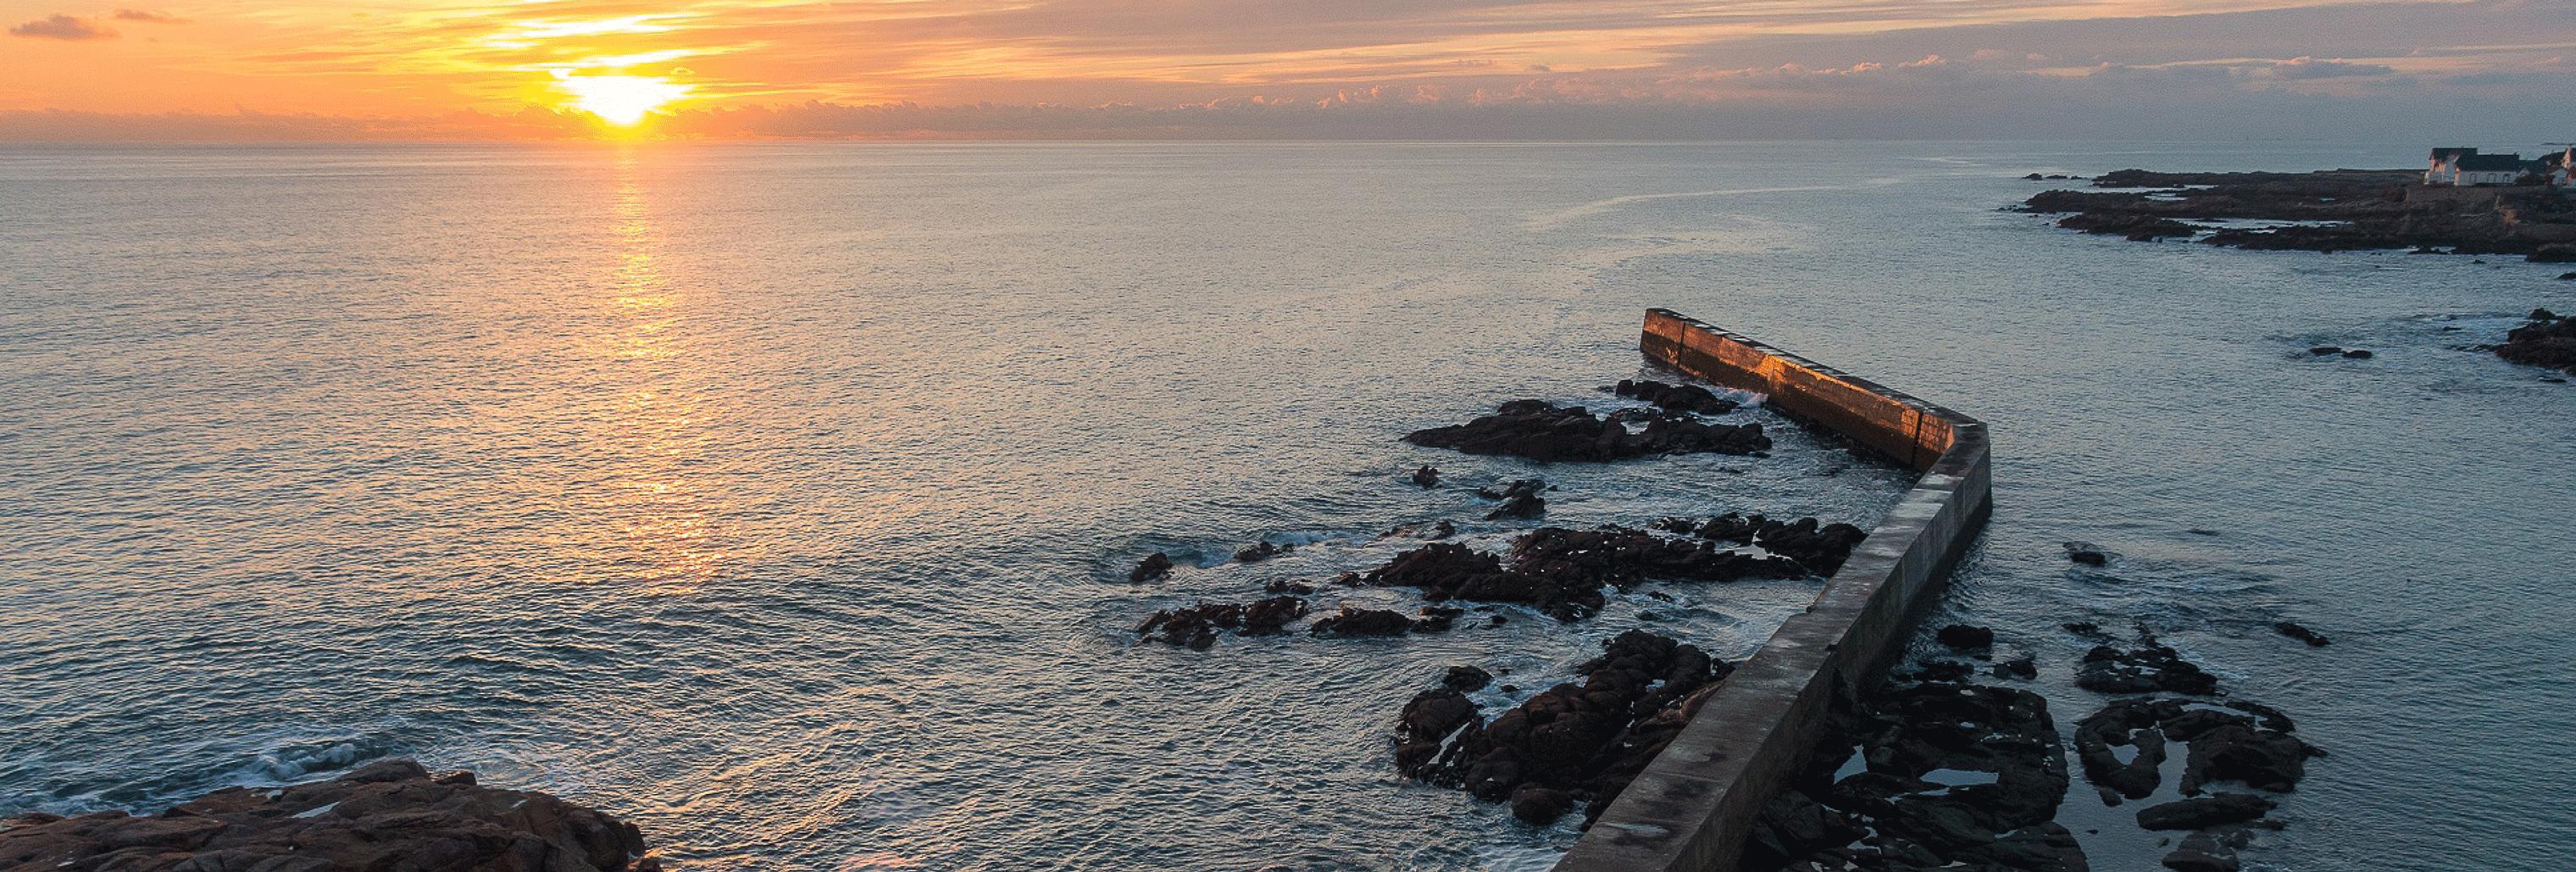 Batz-sur-Mer, Port Saint-Michel